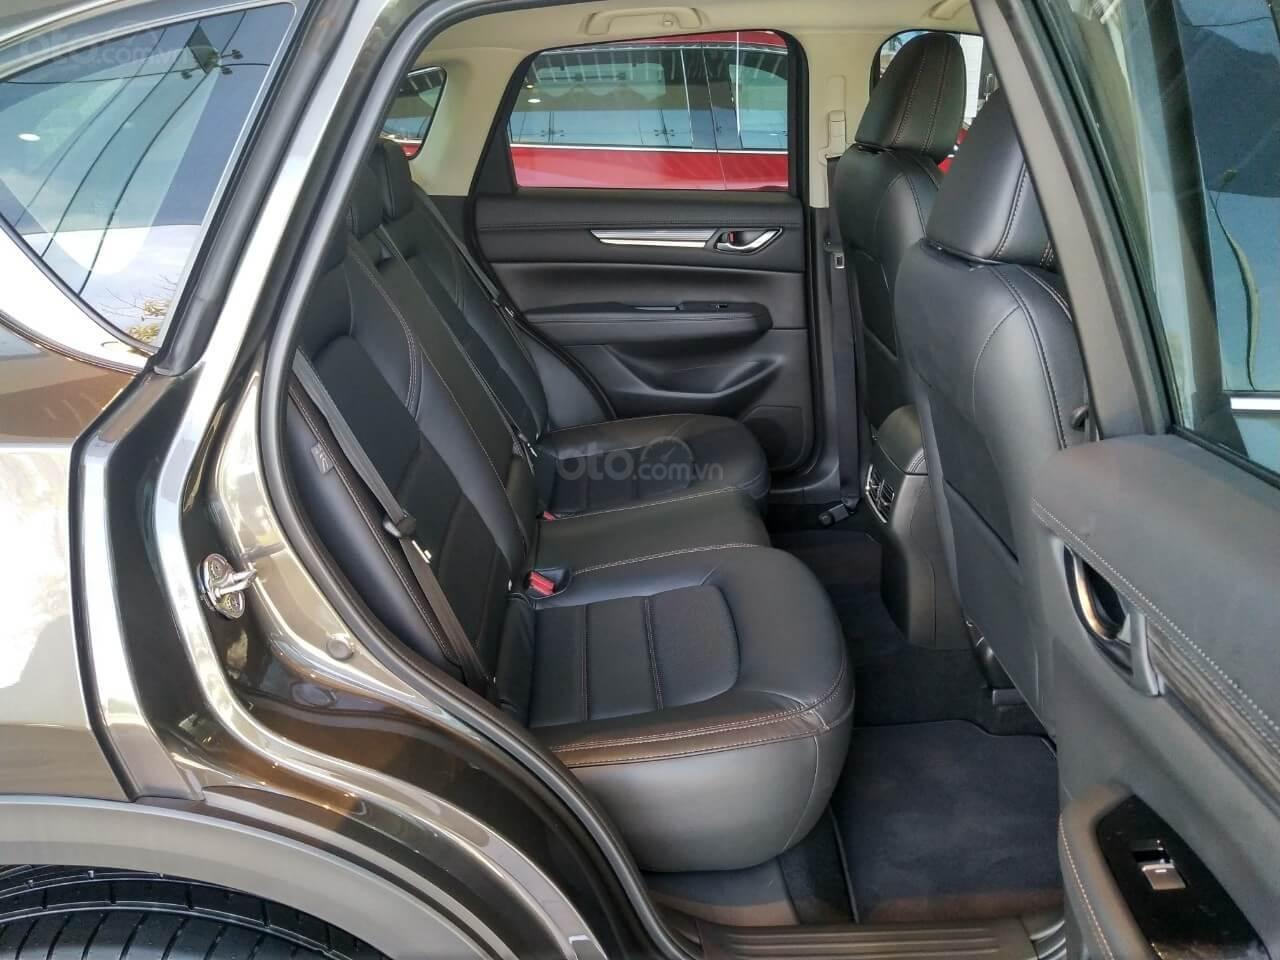 [Mazda Bình Tân - HCM] New Mazda CX-5 siêu phẩm SUV đủ màu giao xe ngay, LH 0938.286.168 nhận ưu đãi hot (4)